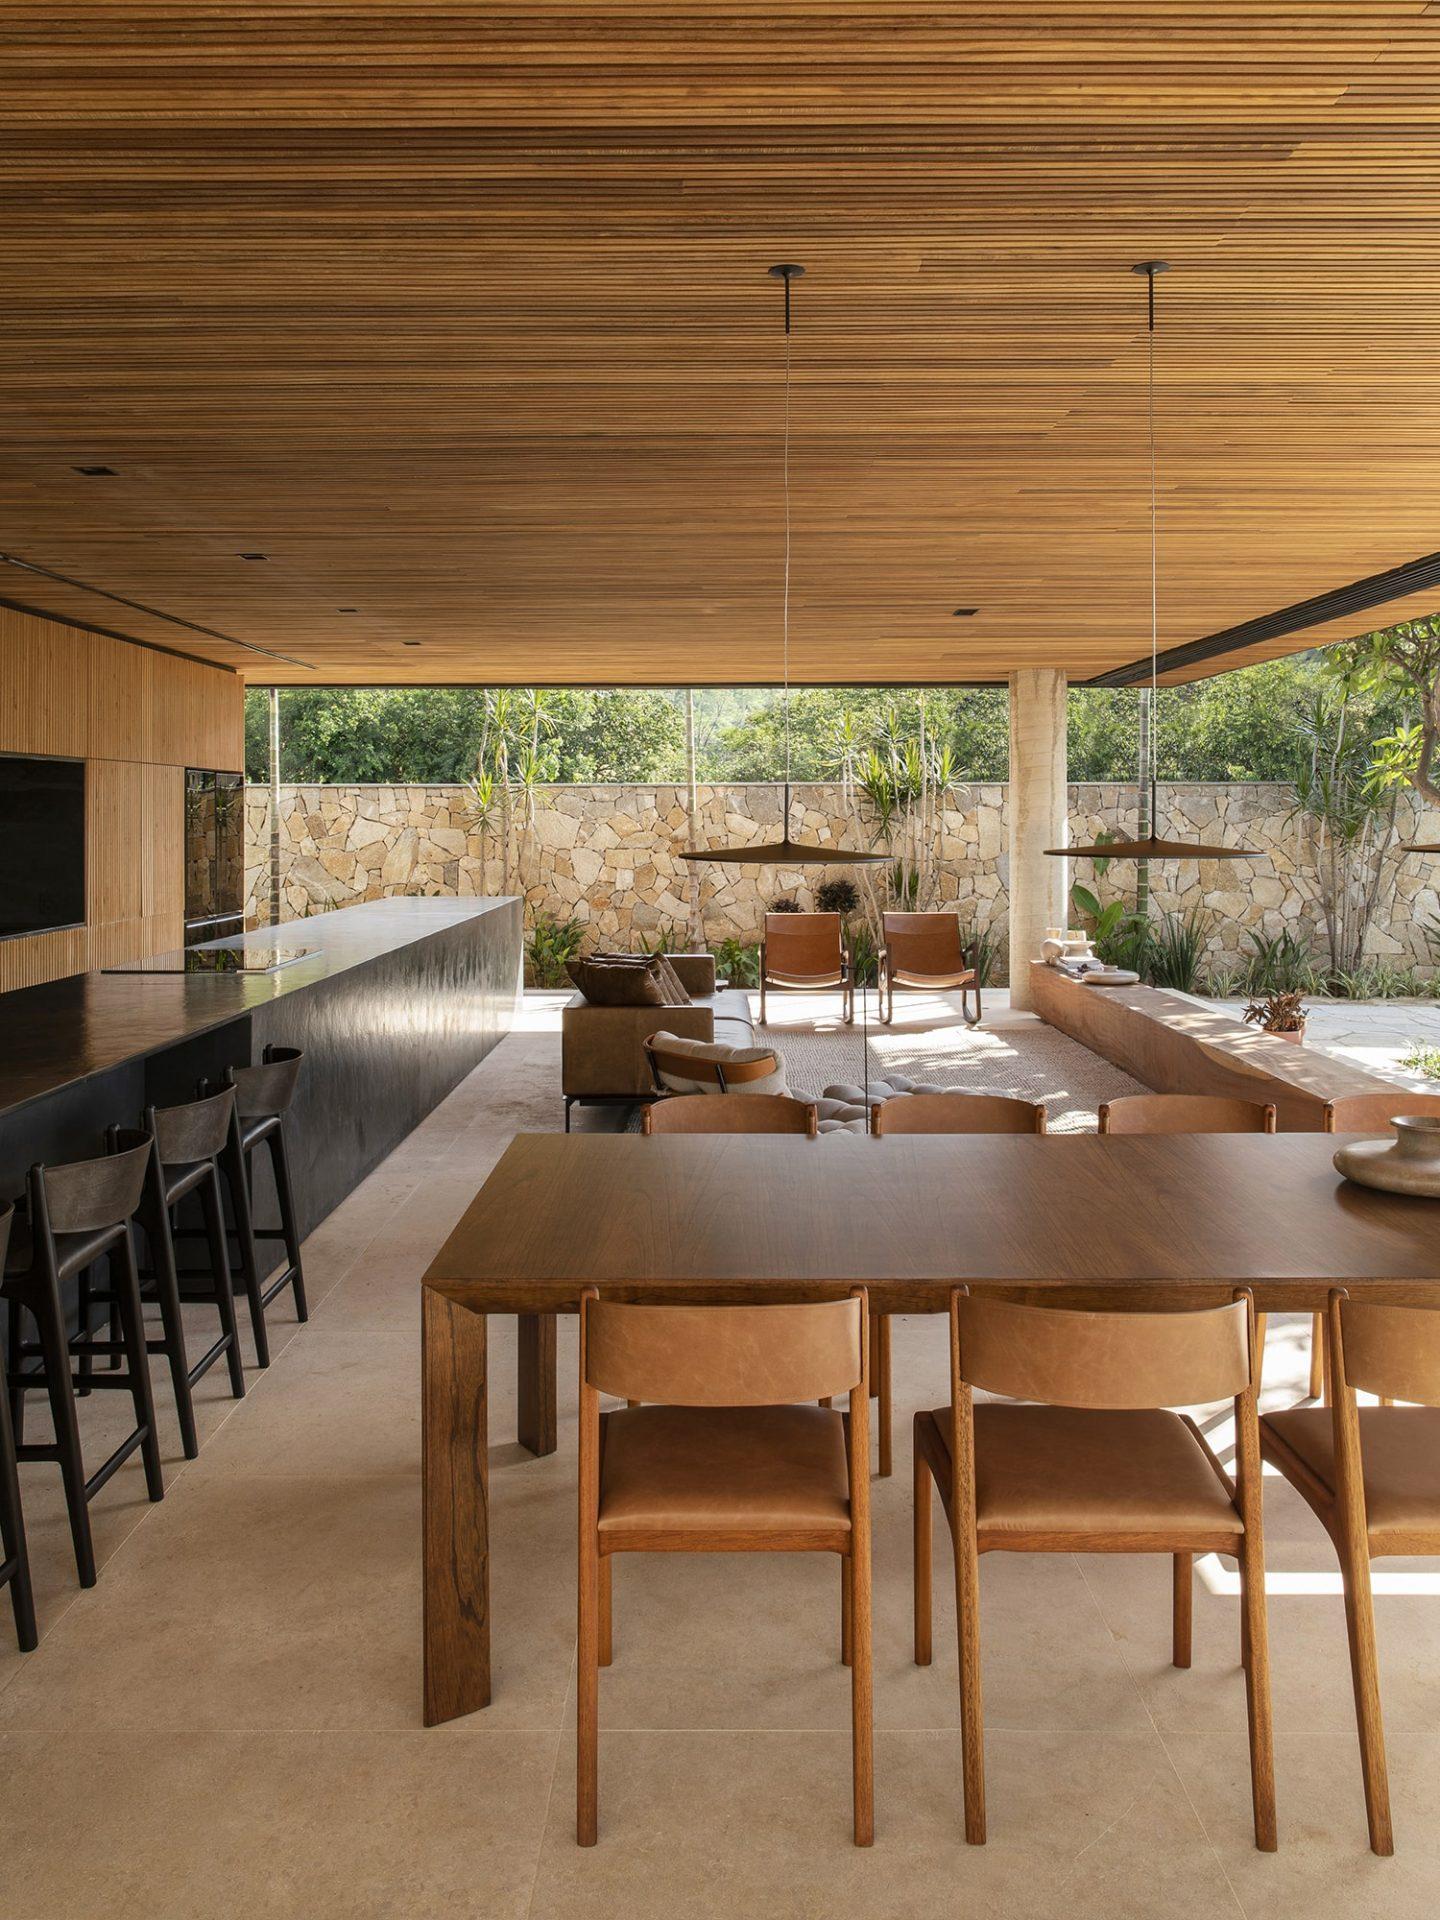 IGNANT-Architecture-MF-Arquitetos-Casa-Q04L63-09-min